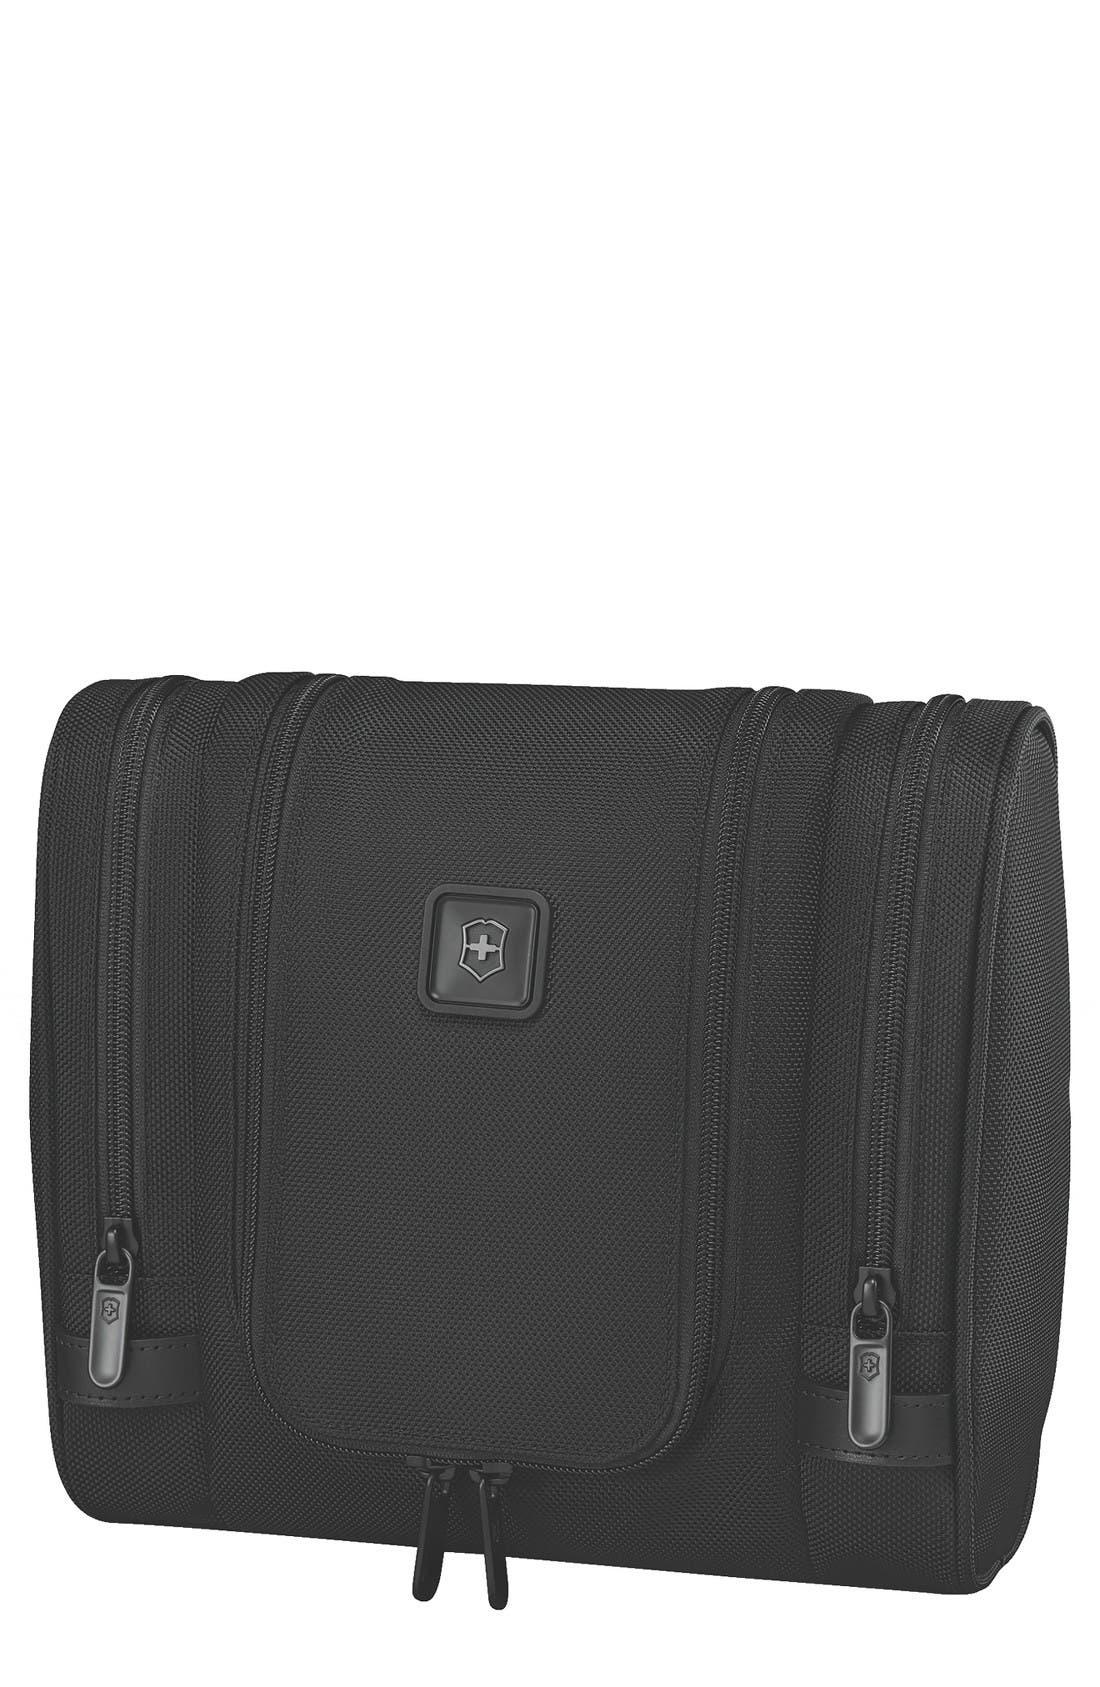 Lexicon 2.0 Hanging Travel Kit,                             Main thumbnail 1, color,                             Black